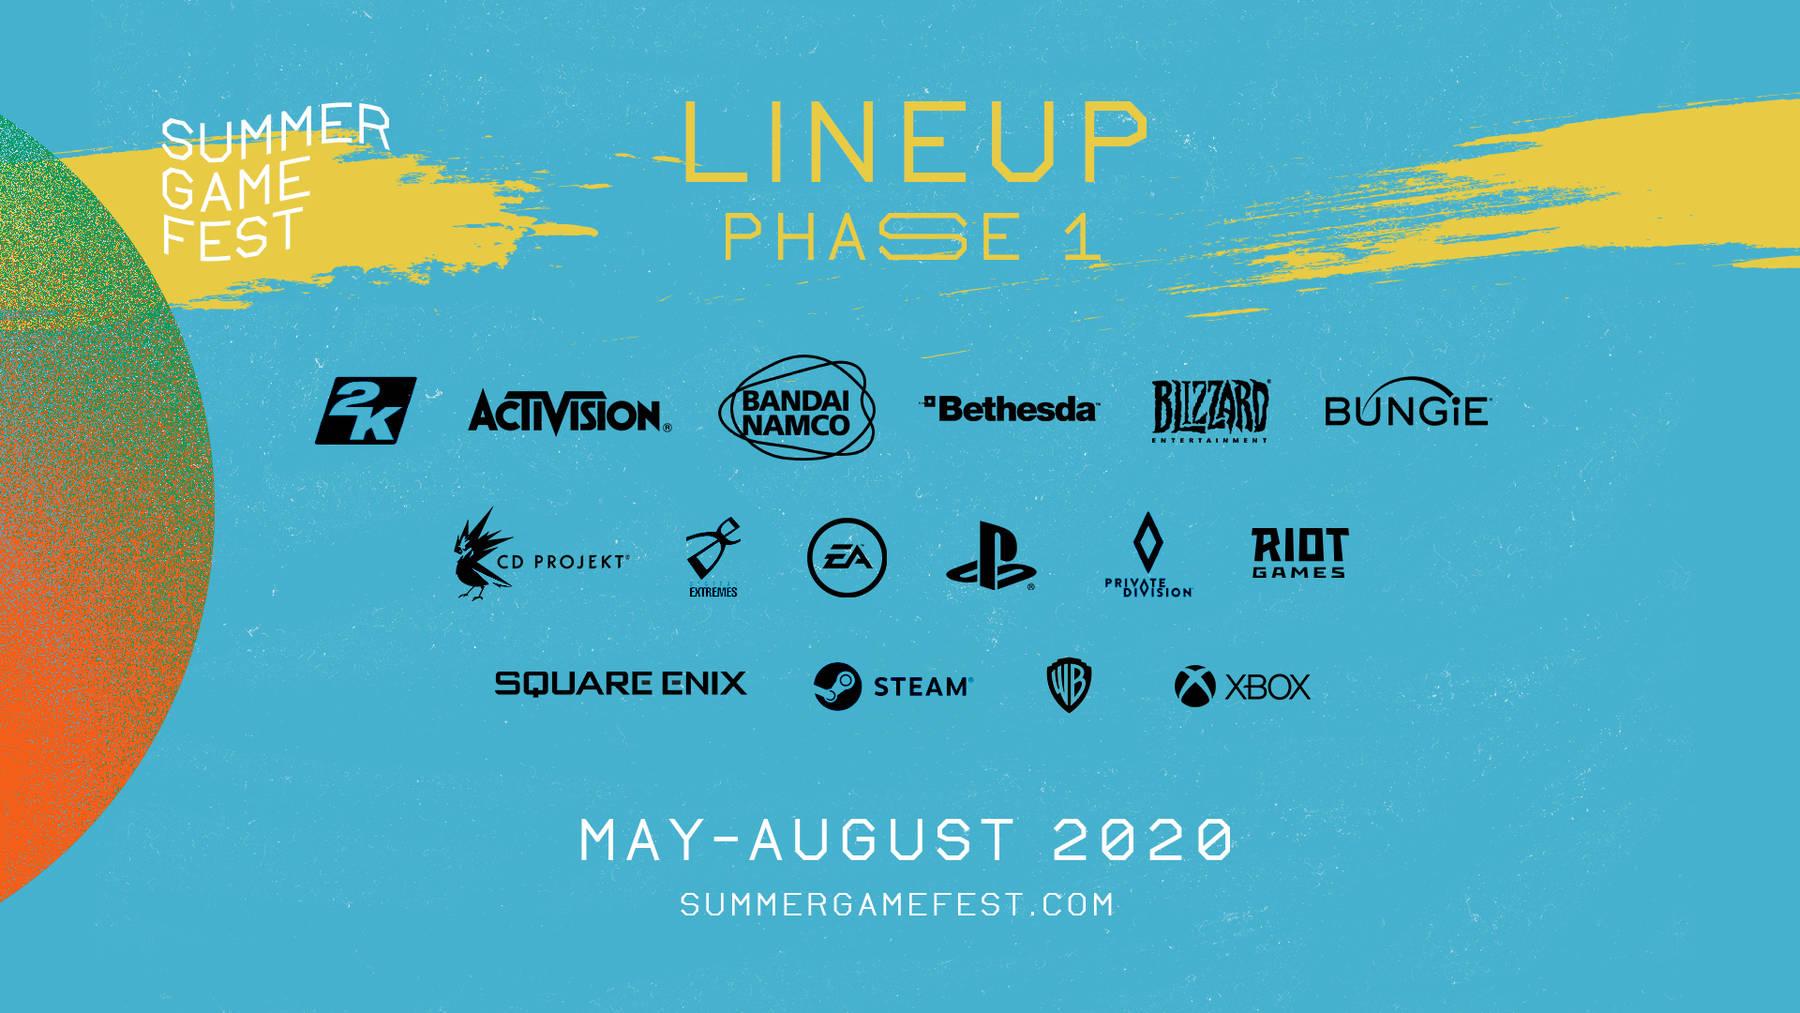 Oznámen Summer Games Fest 2020 jako oslava her v letošním roce